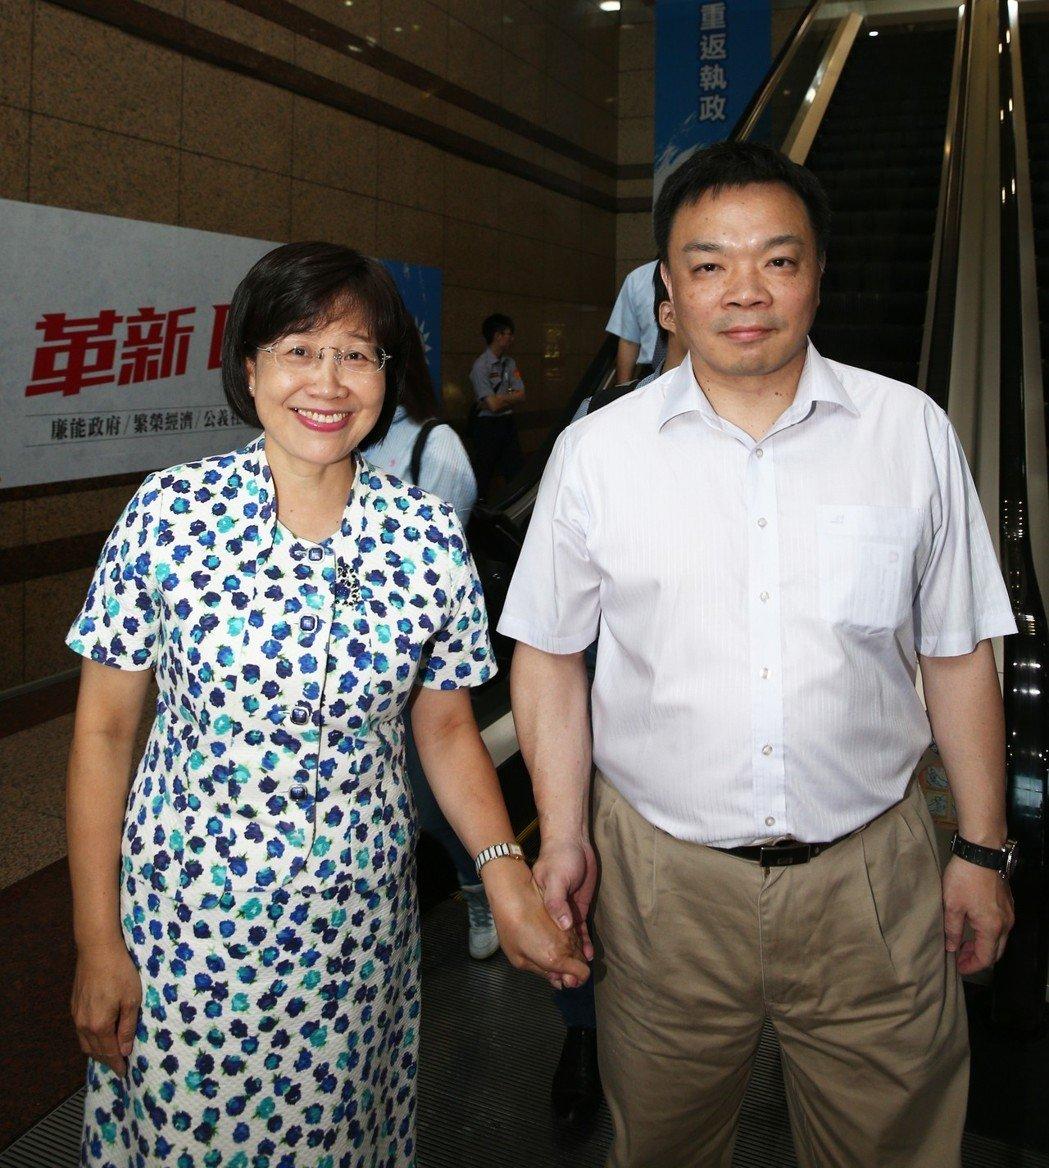 国民党台南市长参选人出炉 高思博将代表蓝营对阵黄伟哲